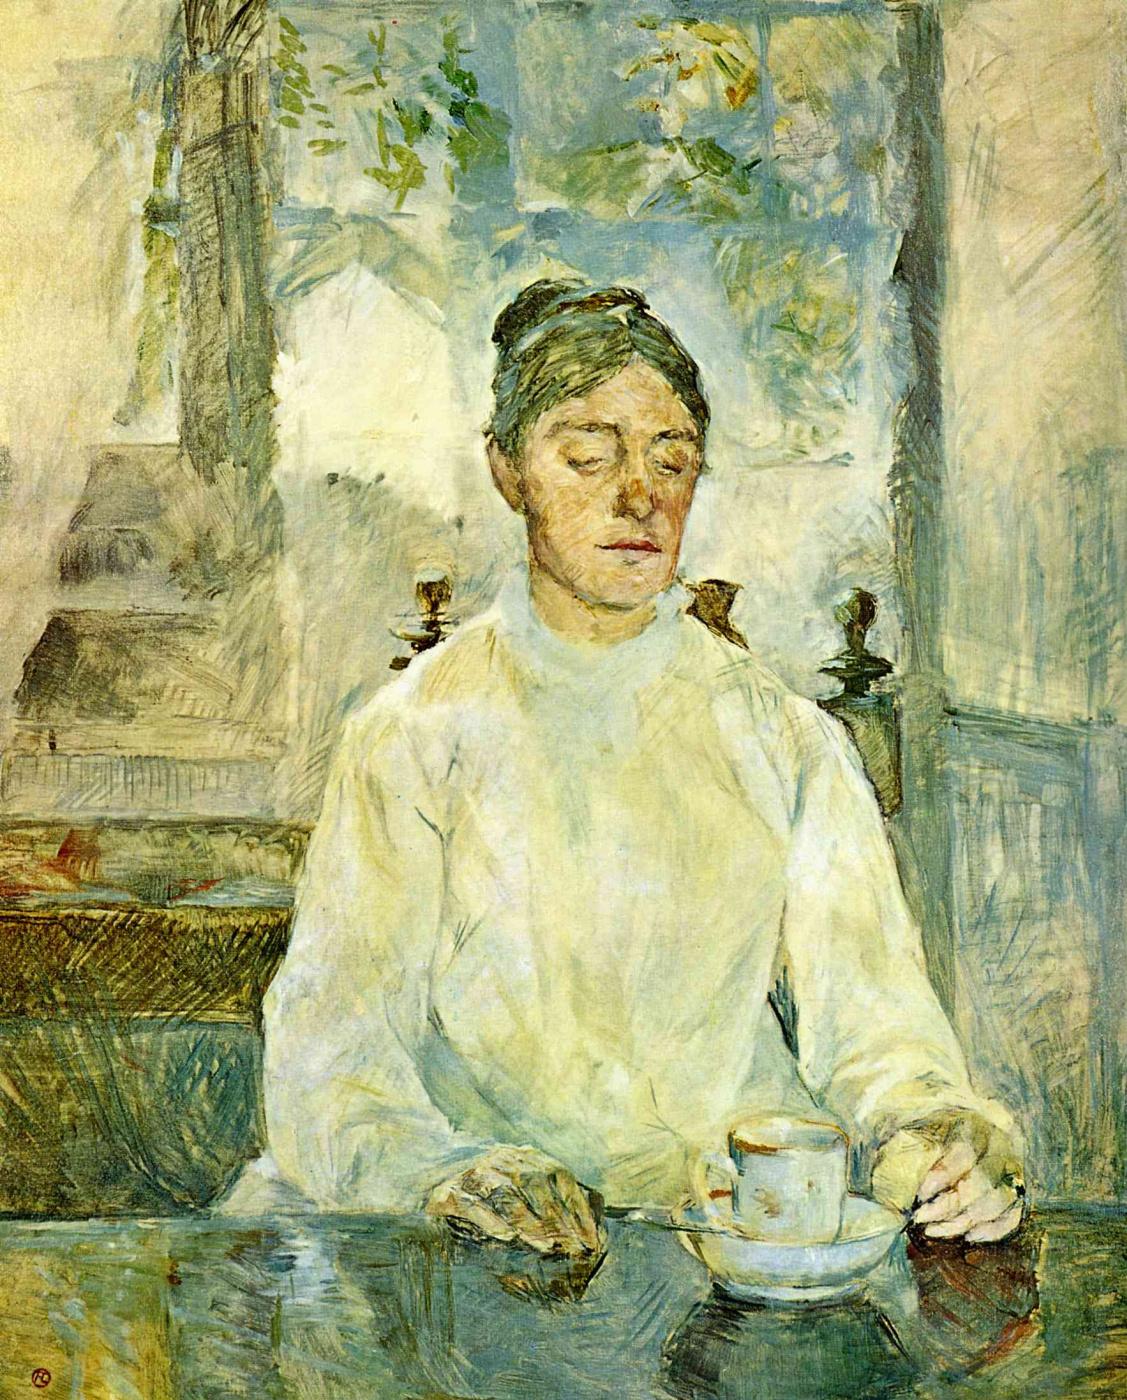 Henri de Toulouse-Lautrec. The artist's mother, the Countess Adele de Toulouse-Lautrec at Breakfast